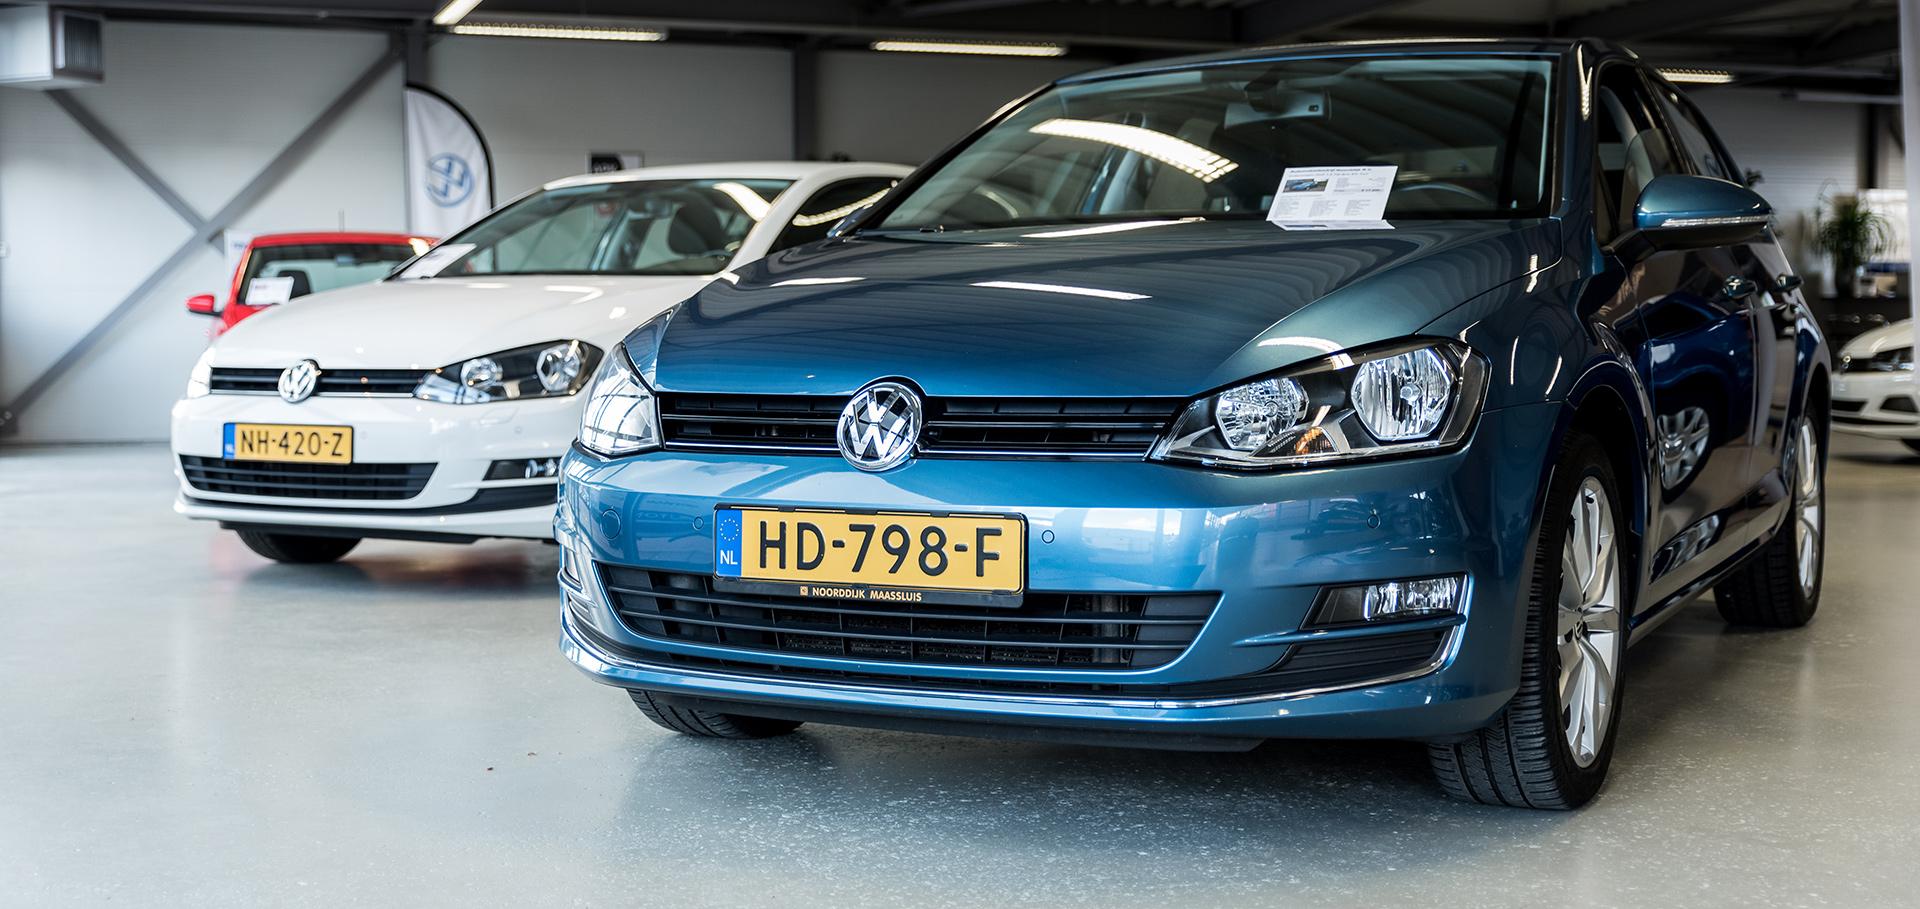 Webshop Volkswagen Autobedrijf Noorddijk Maassluis